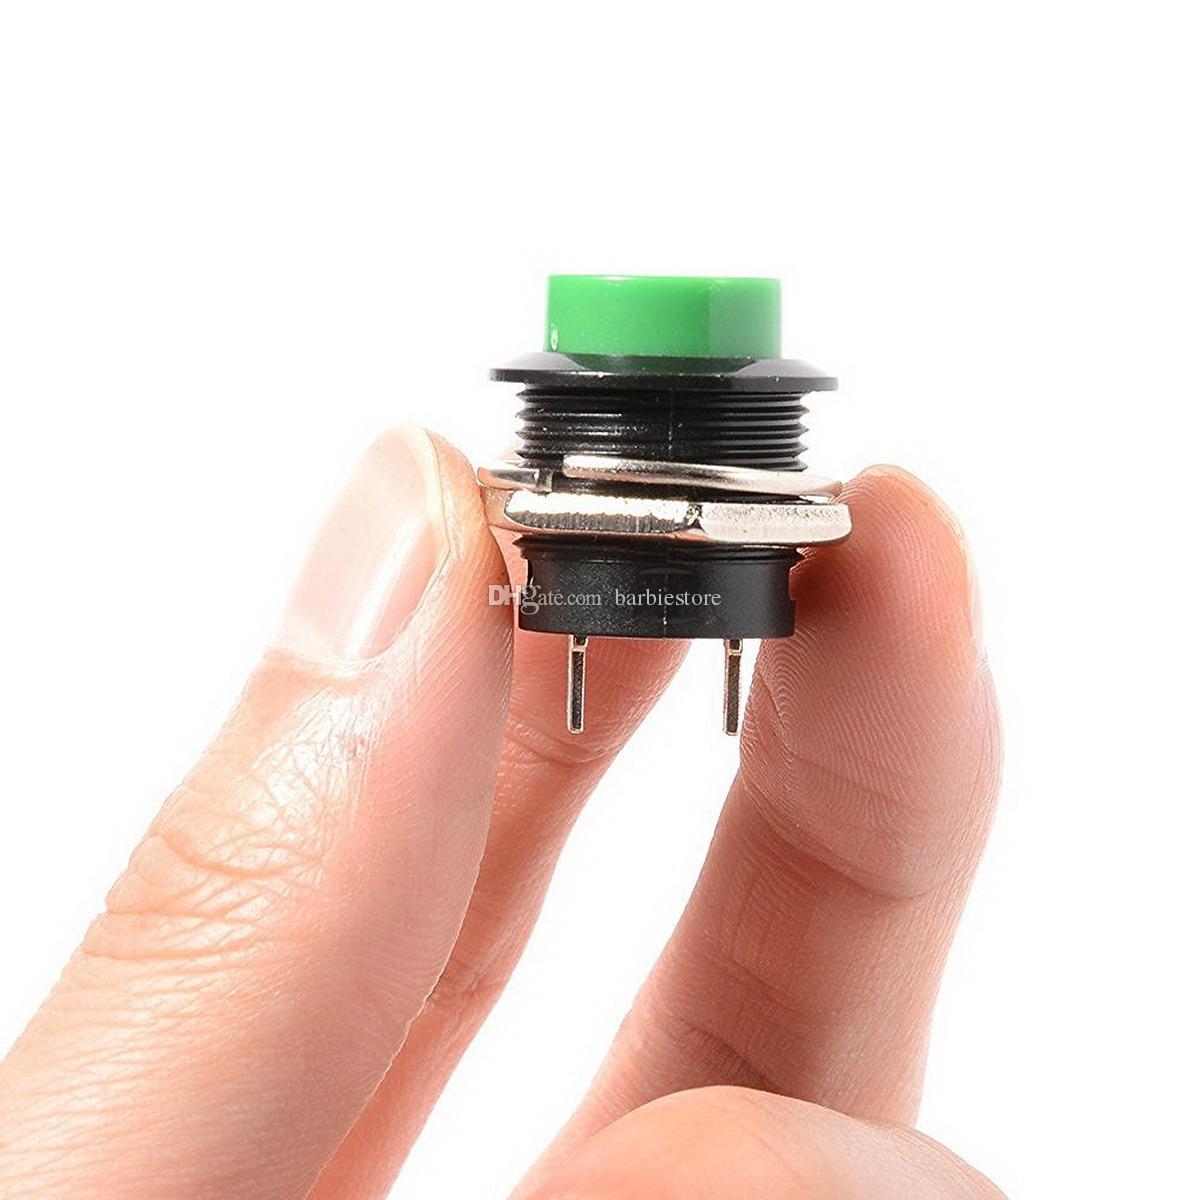 commutateur momentané d'installation de bouton poussoir trou 16mm R13-507 3A 125V B00461